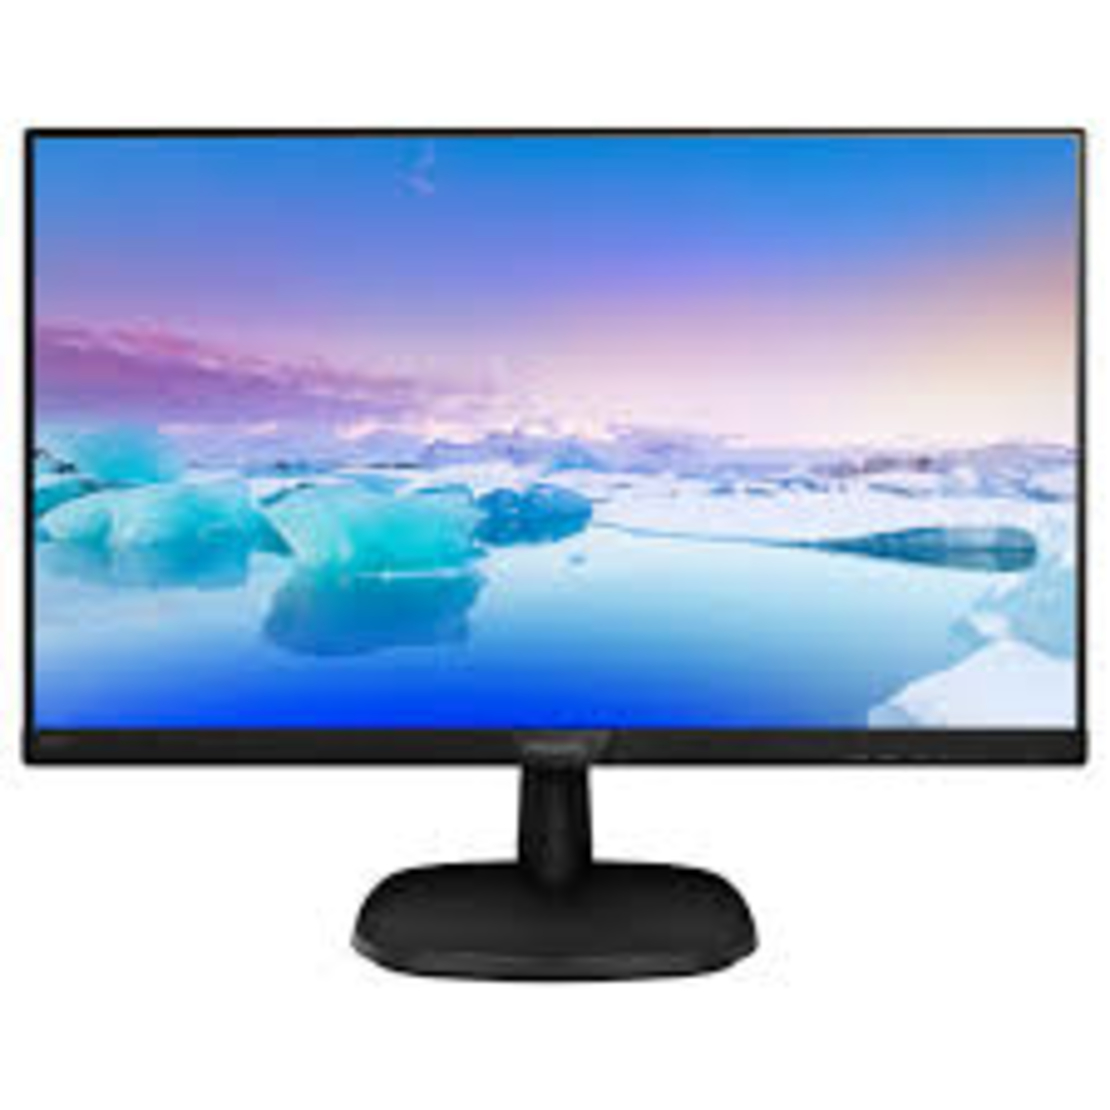 מסך מחשב + רמקולים Philips 21.5'' IPS LED